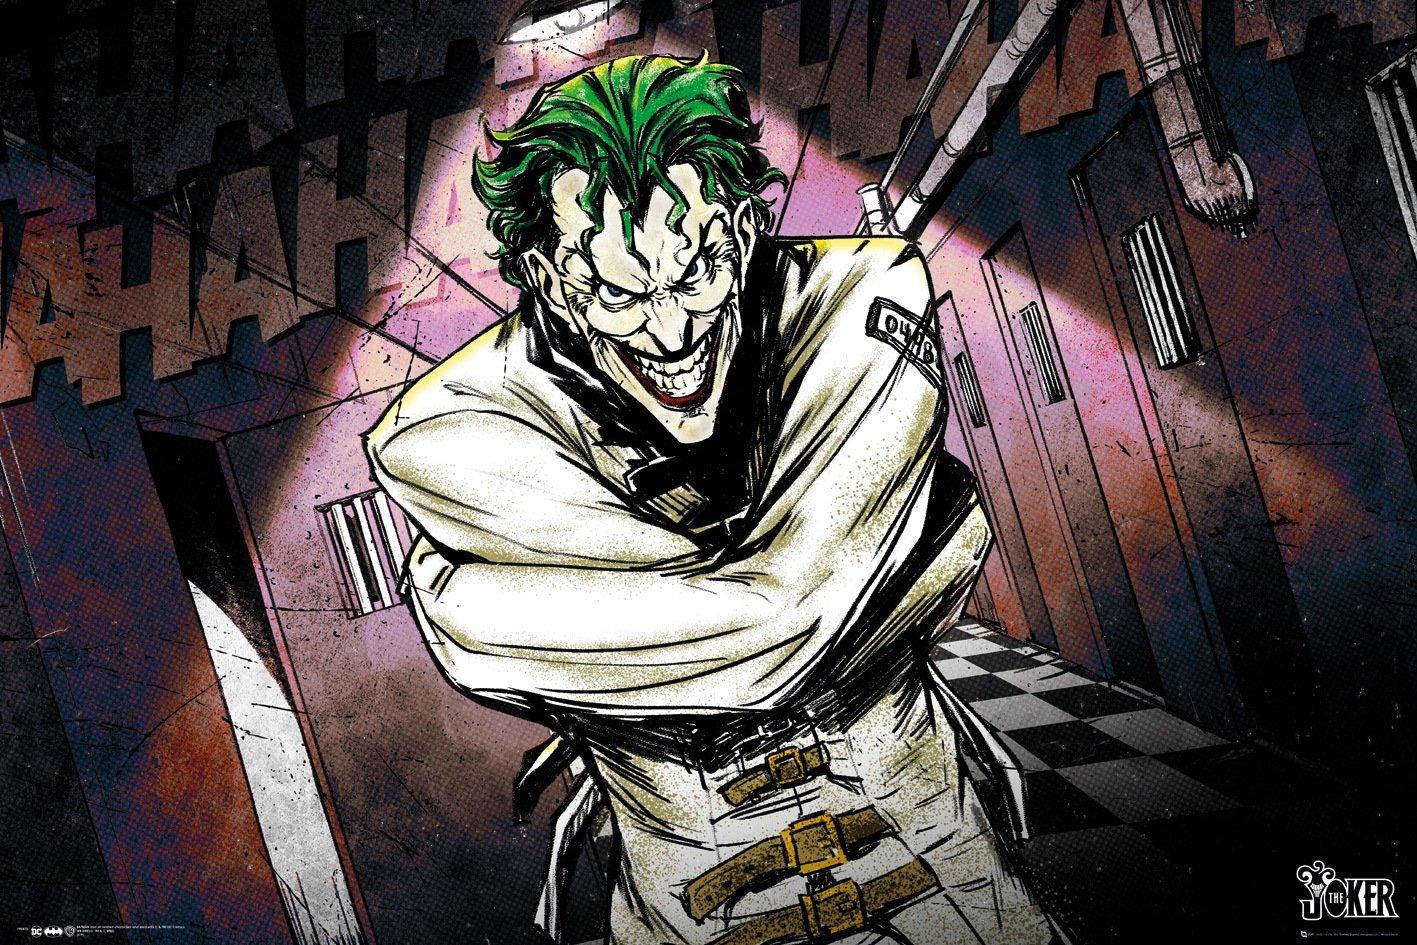 DC Comics: Maxi Poster - Joker Asylum (1026) image